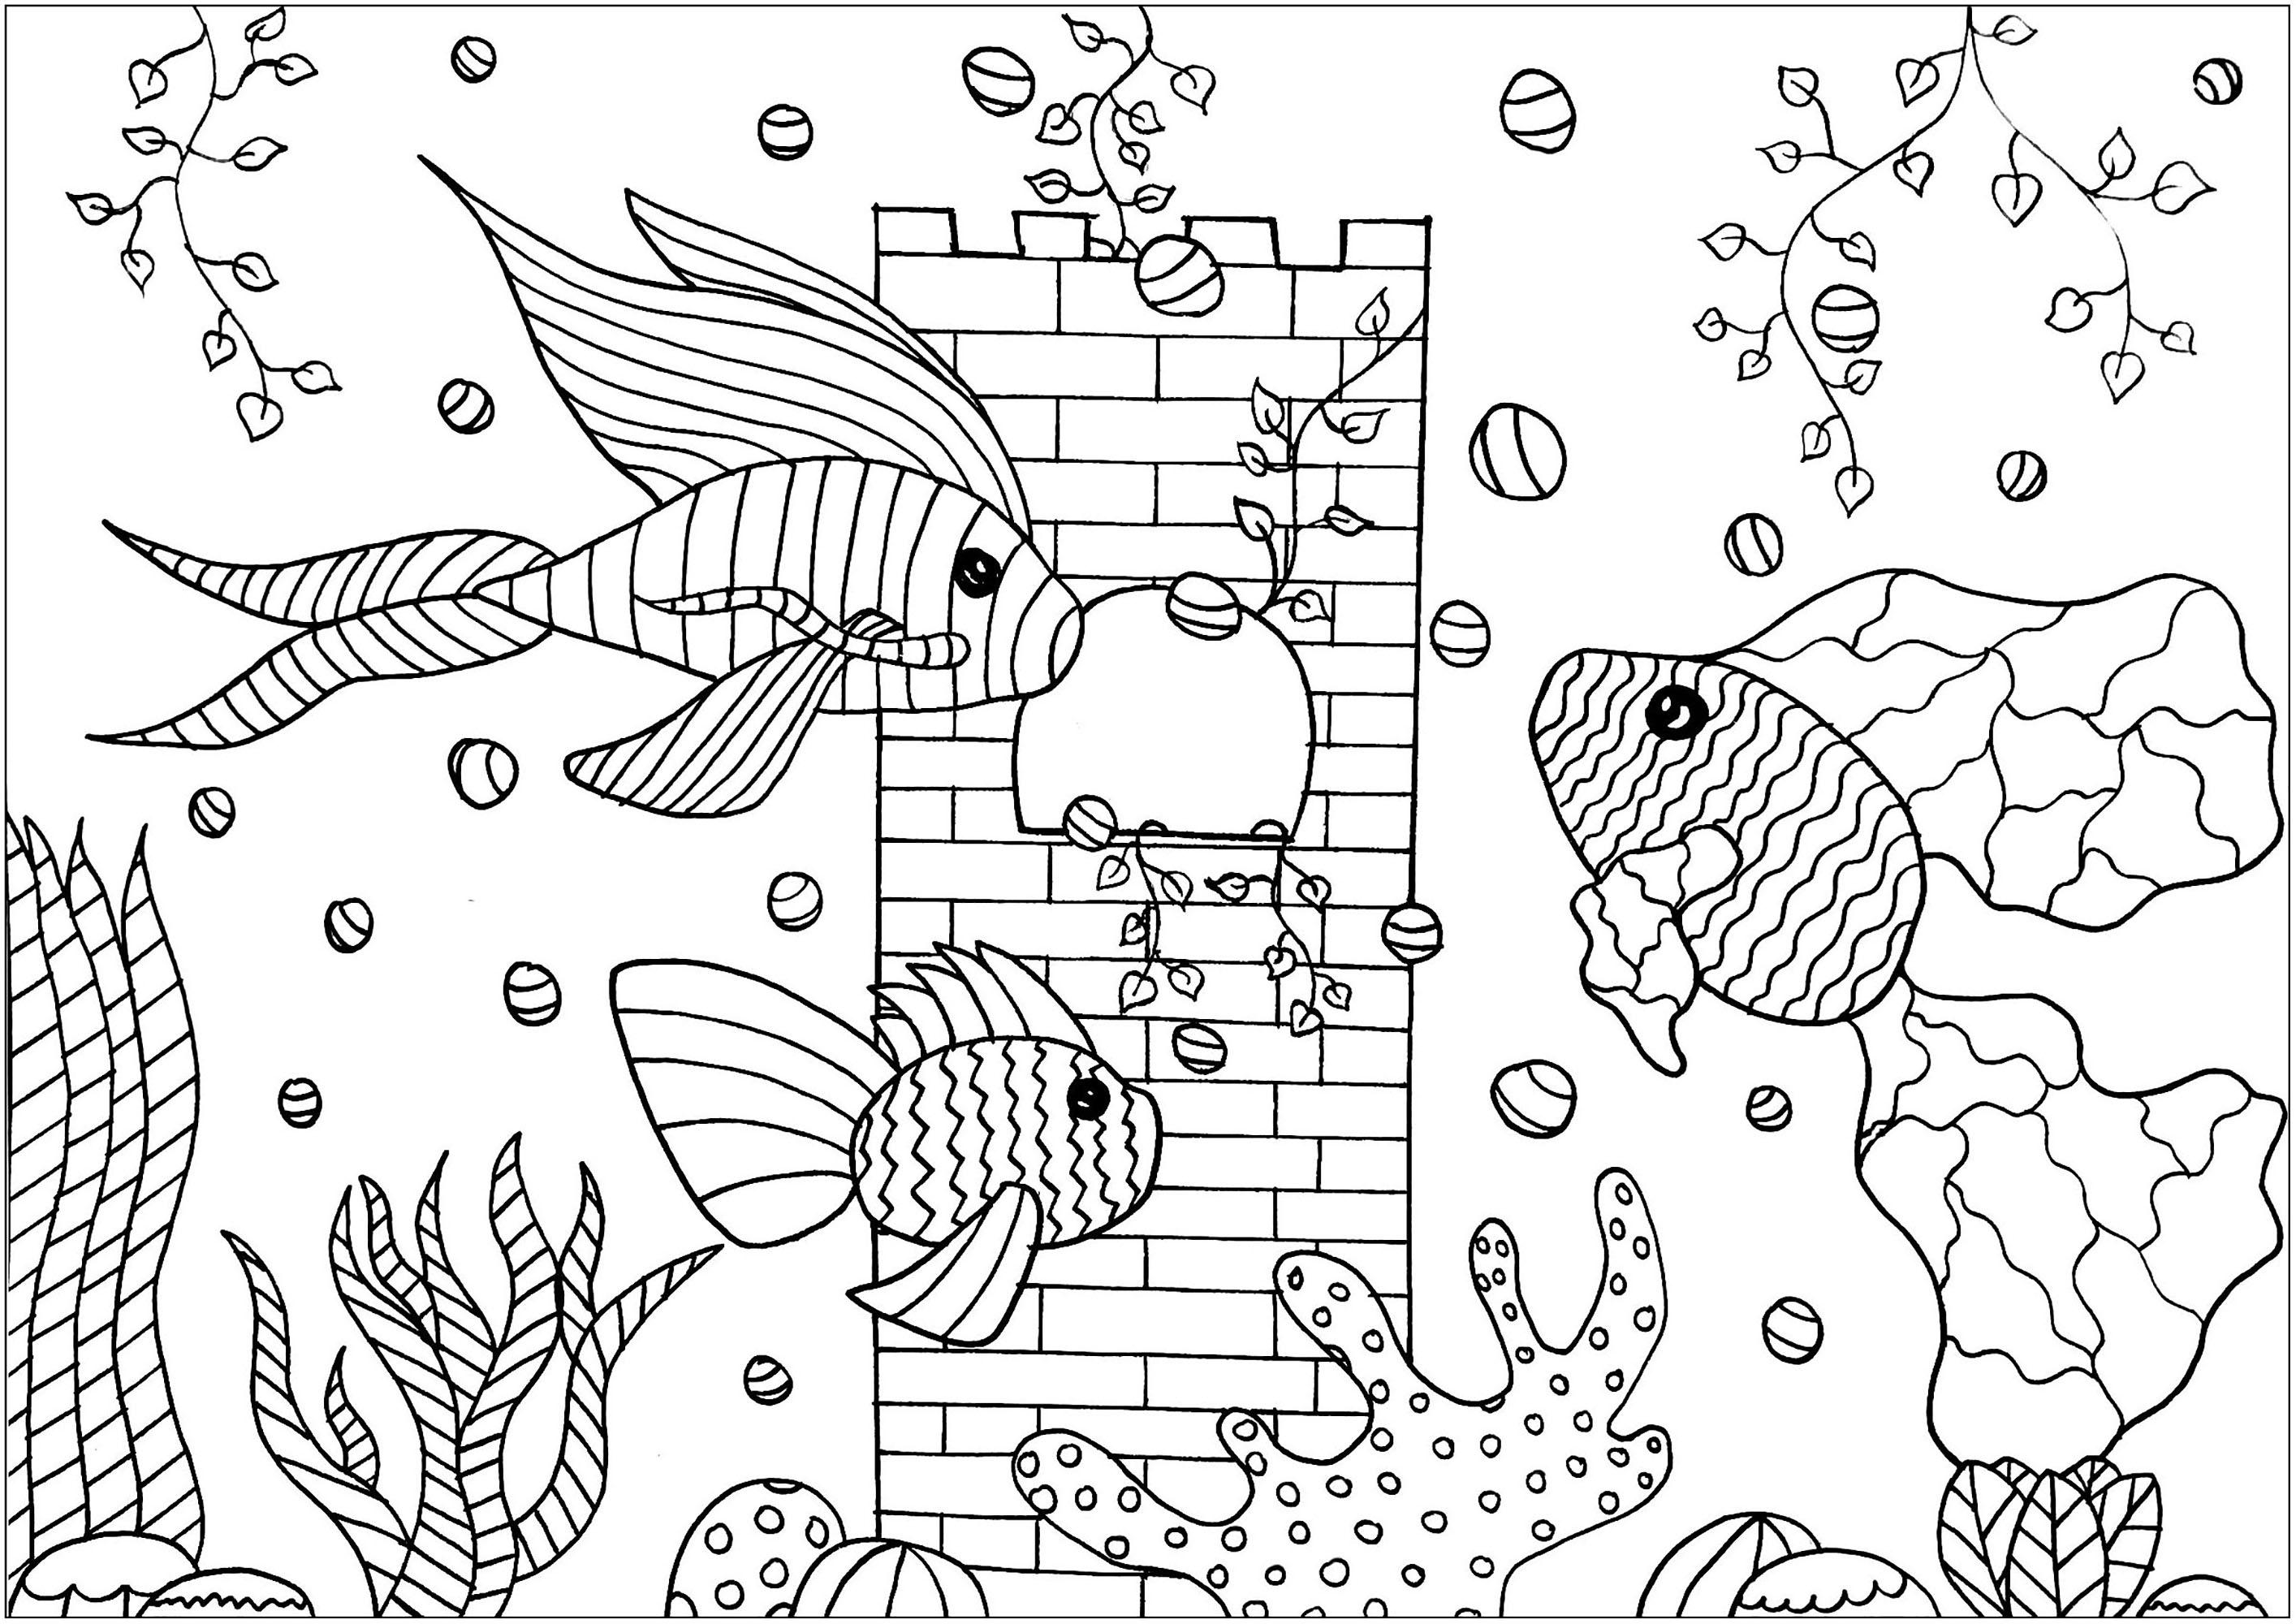 Coloriage de poissons à colorier pour enfants   Coloriage de ...